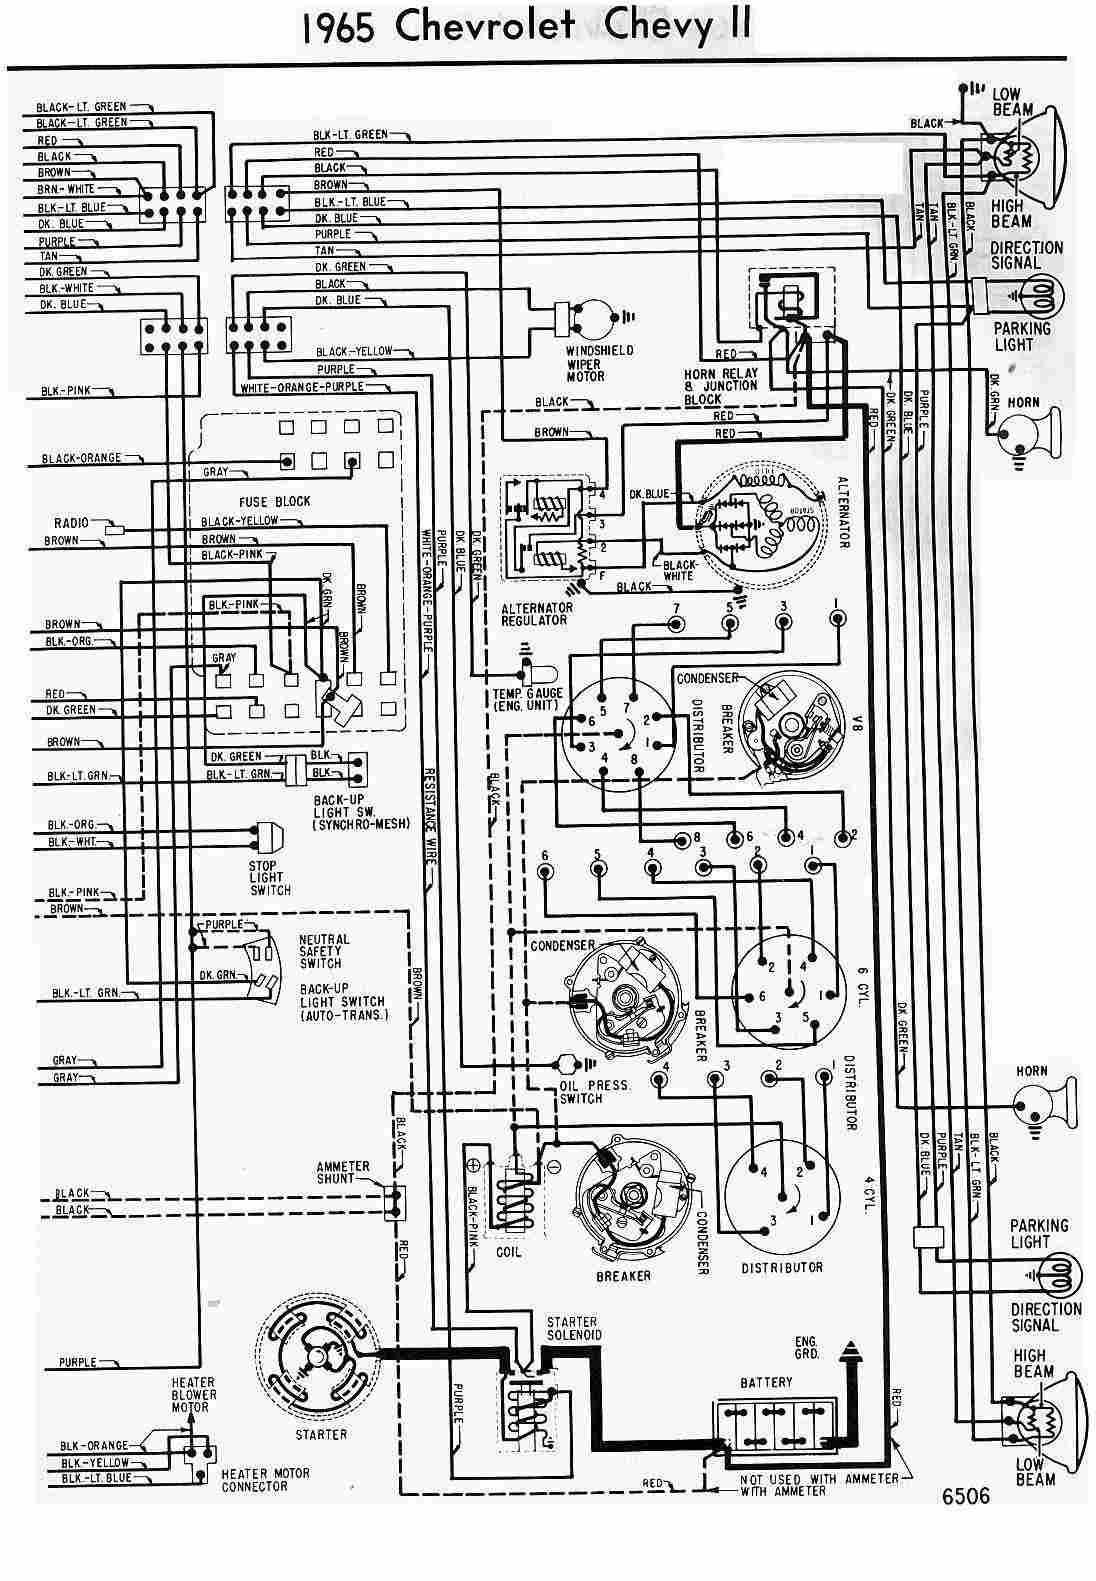 medium resolution of 68 caprice wire diagram wiring diagram68 caprice wire diagram wiring diagram ebook68 caprice wire diagram wiring